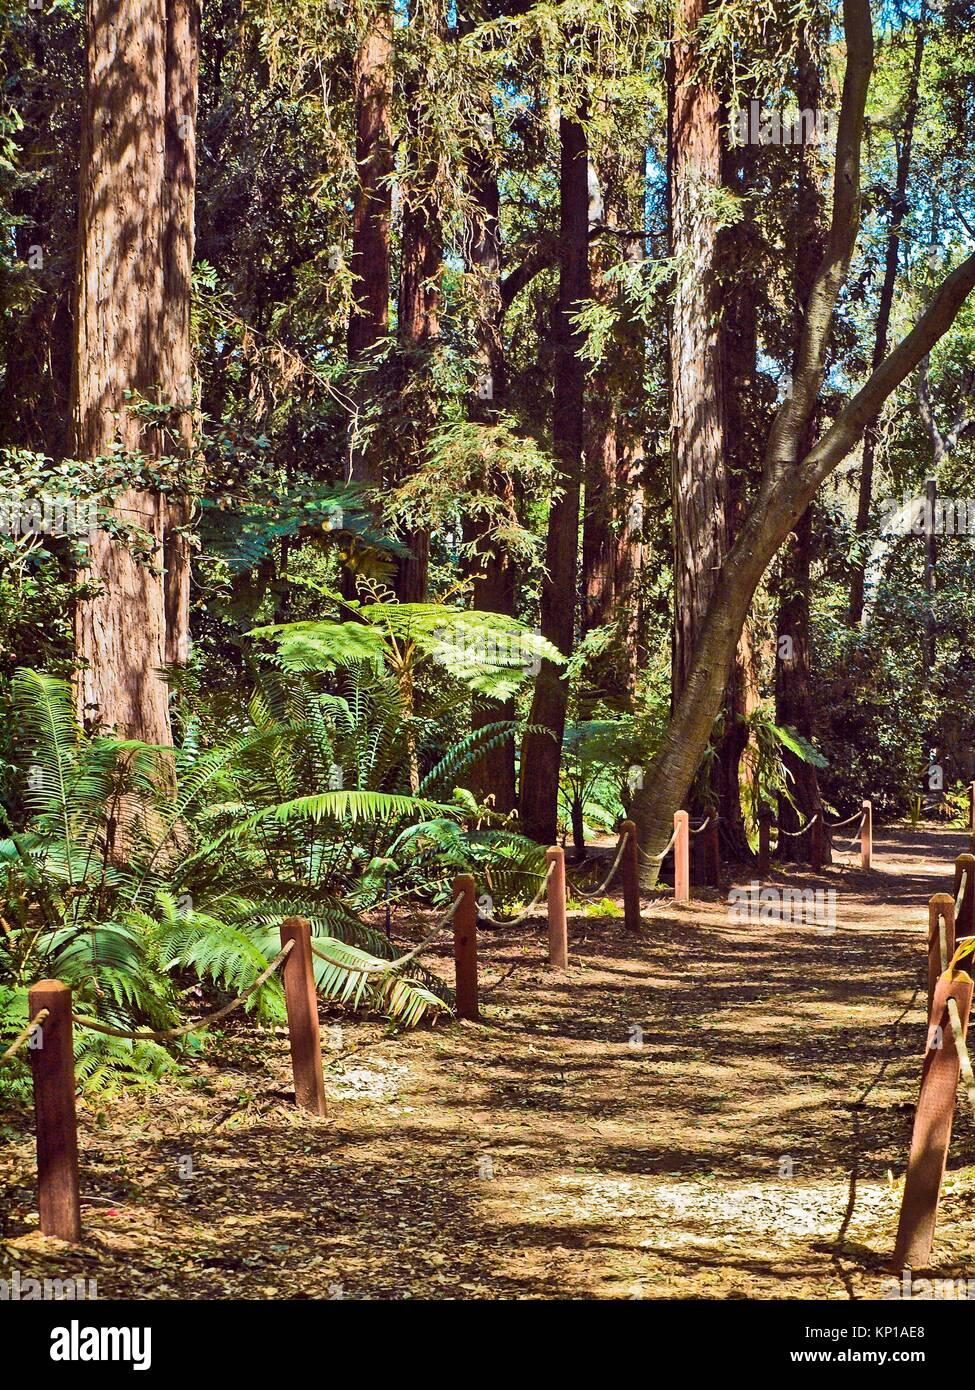 Descanso Gardens Stock Photos & Descanso Gardens Stock Images - Alamy